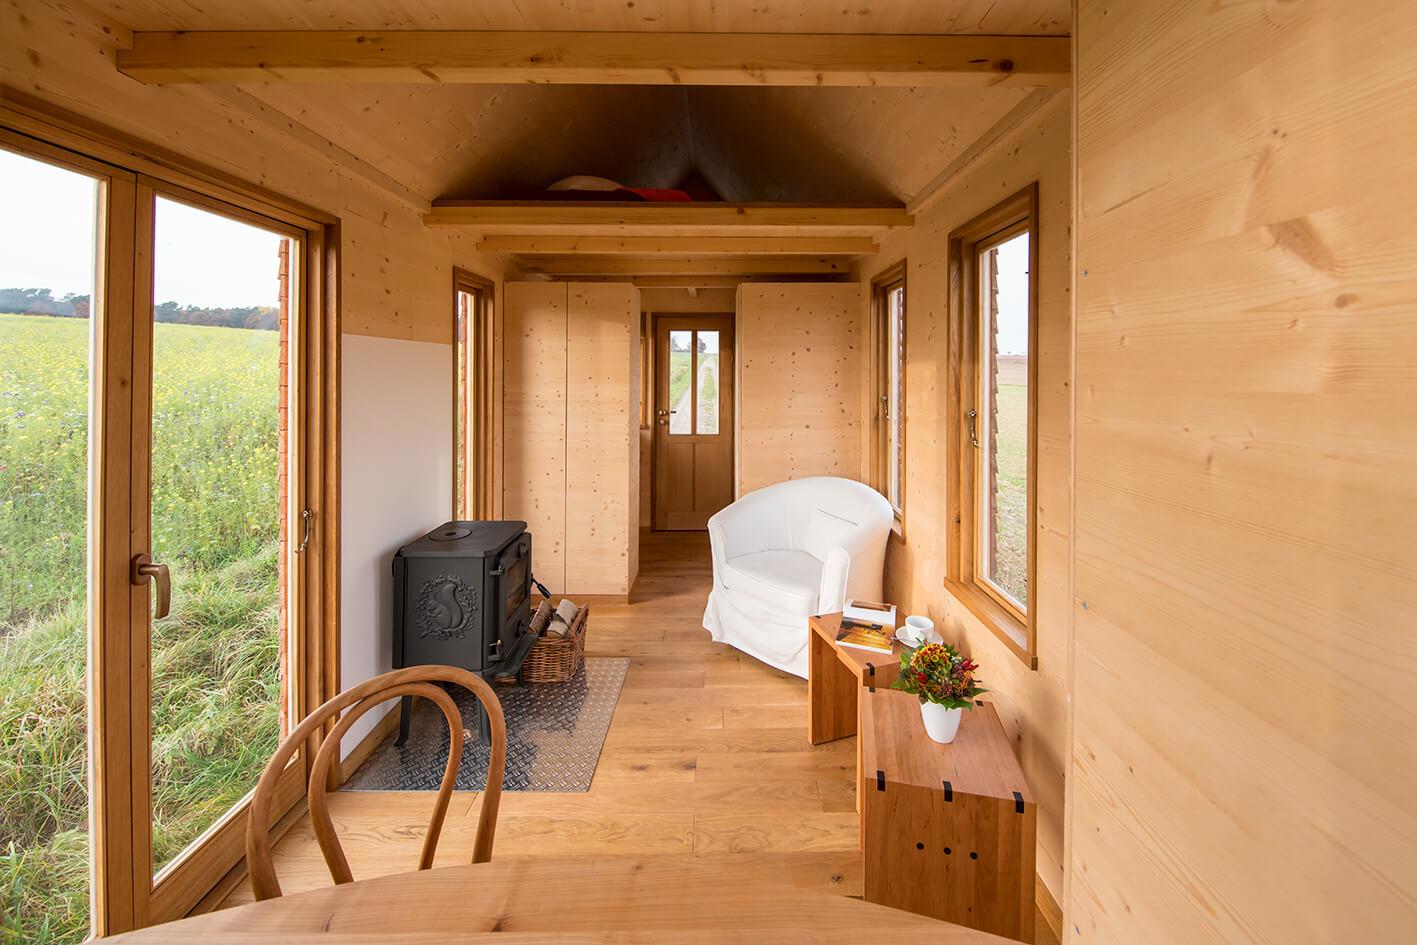 Das Bild zeigt den Wohnbereich und verdeutlicht warum die Auswahl des richtigen Tiny House Anbieters so wichtig ist